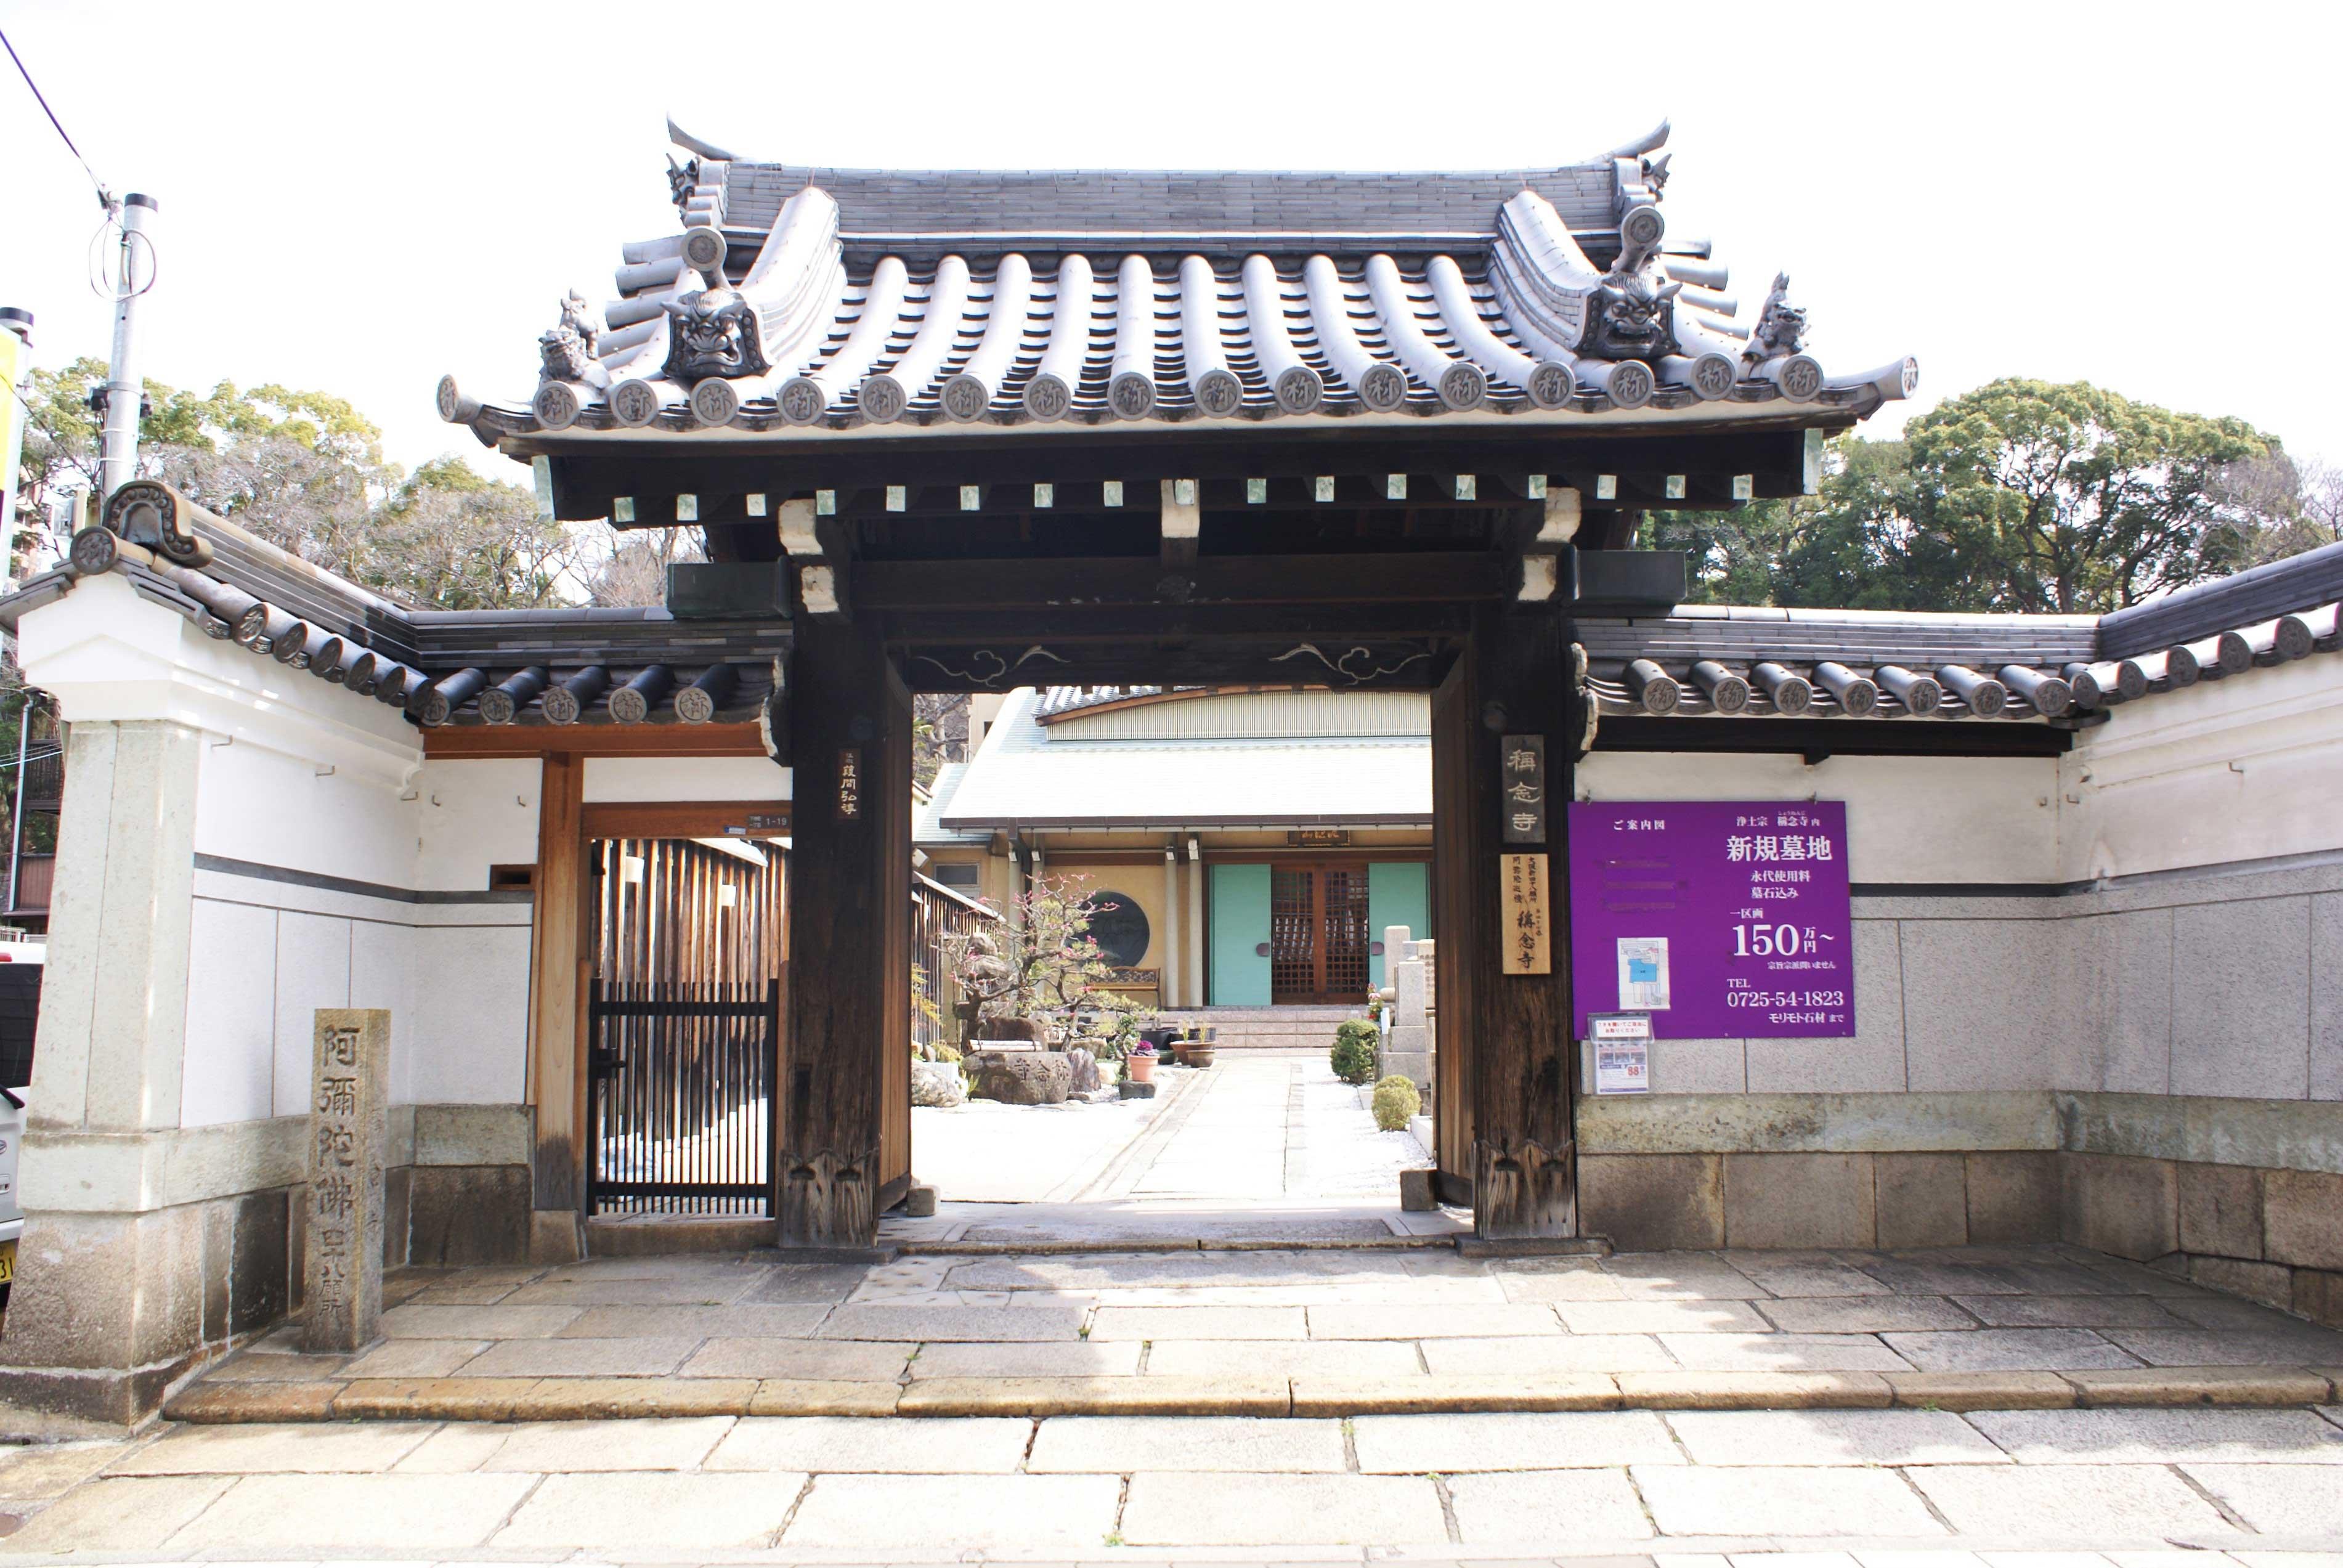 <p>由松屋町筋看山門</p>装飾少的朴素的一間薬医門,在細部上顕示了簡明洗練的江戸中期意匠。